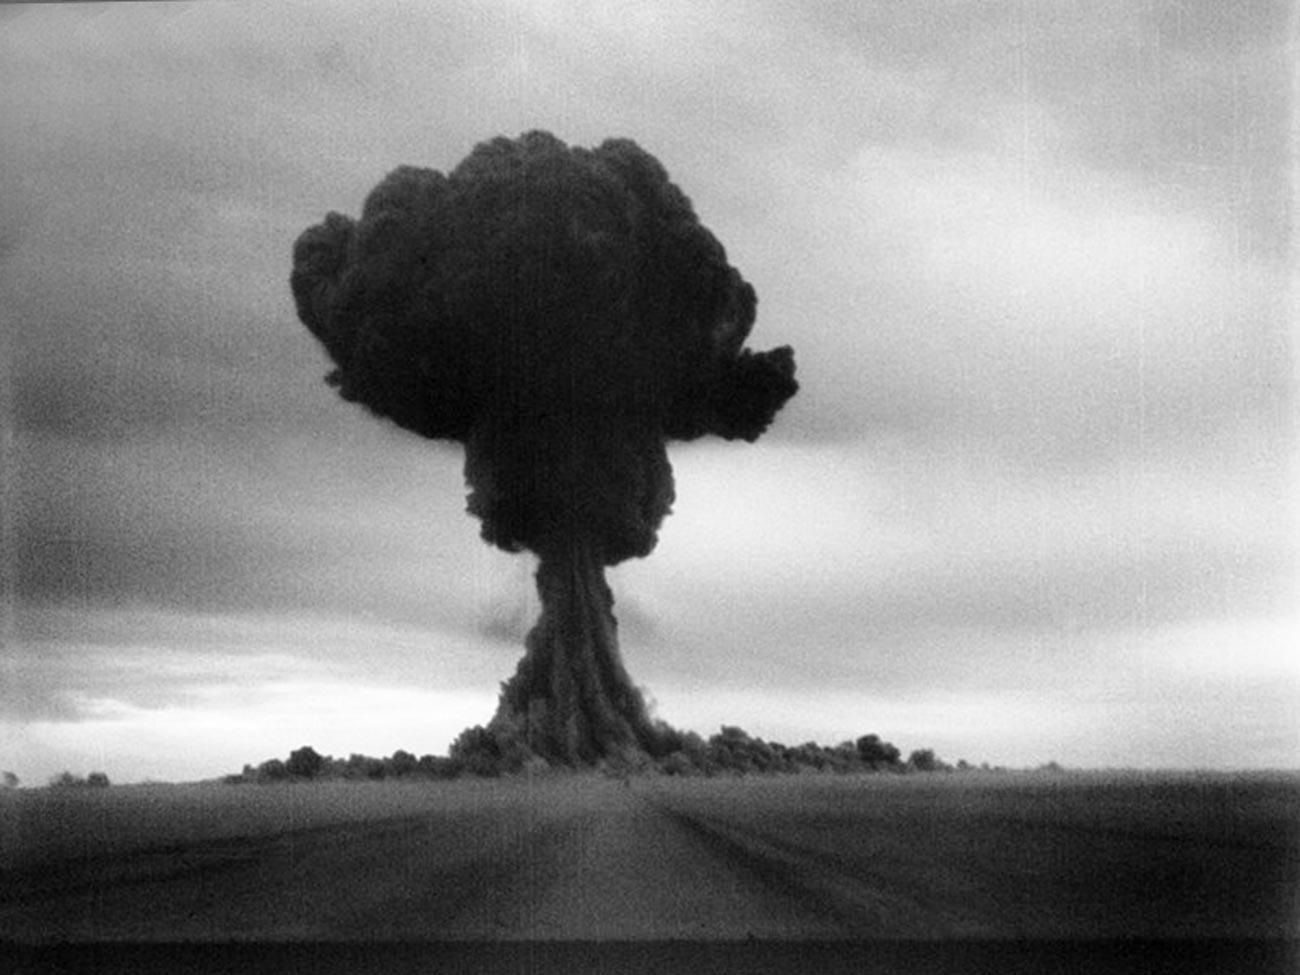 L'Unione Sovietica fece esplodere la sua prima bomba atomica il 29 agosto 1949, nel sito di test di Semipalatinsk, in Kazakhstan